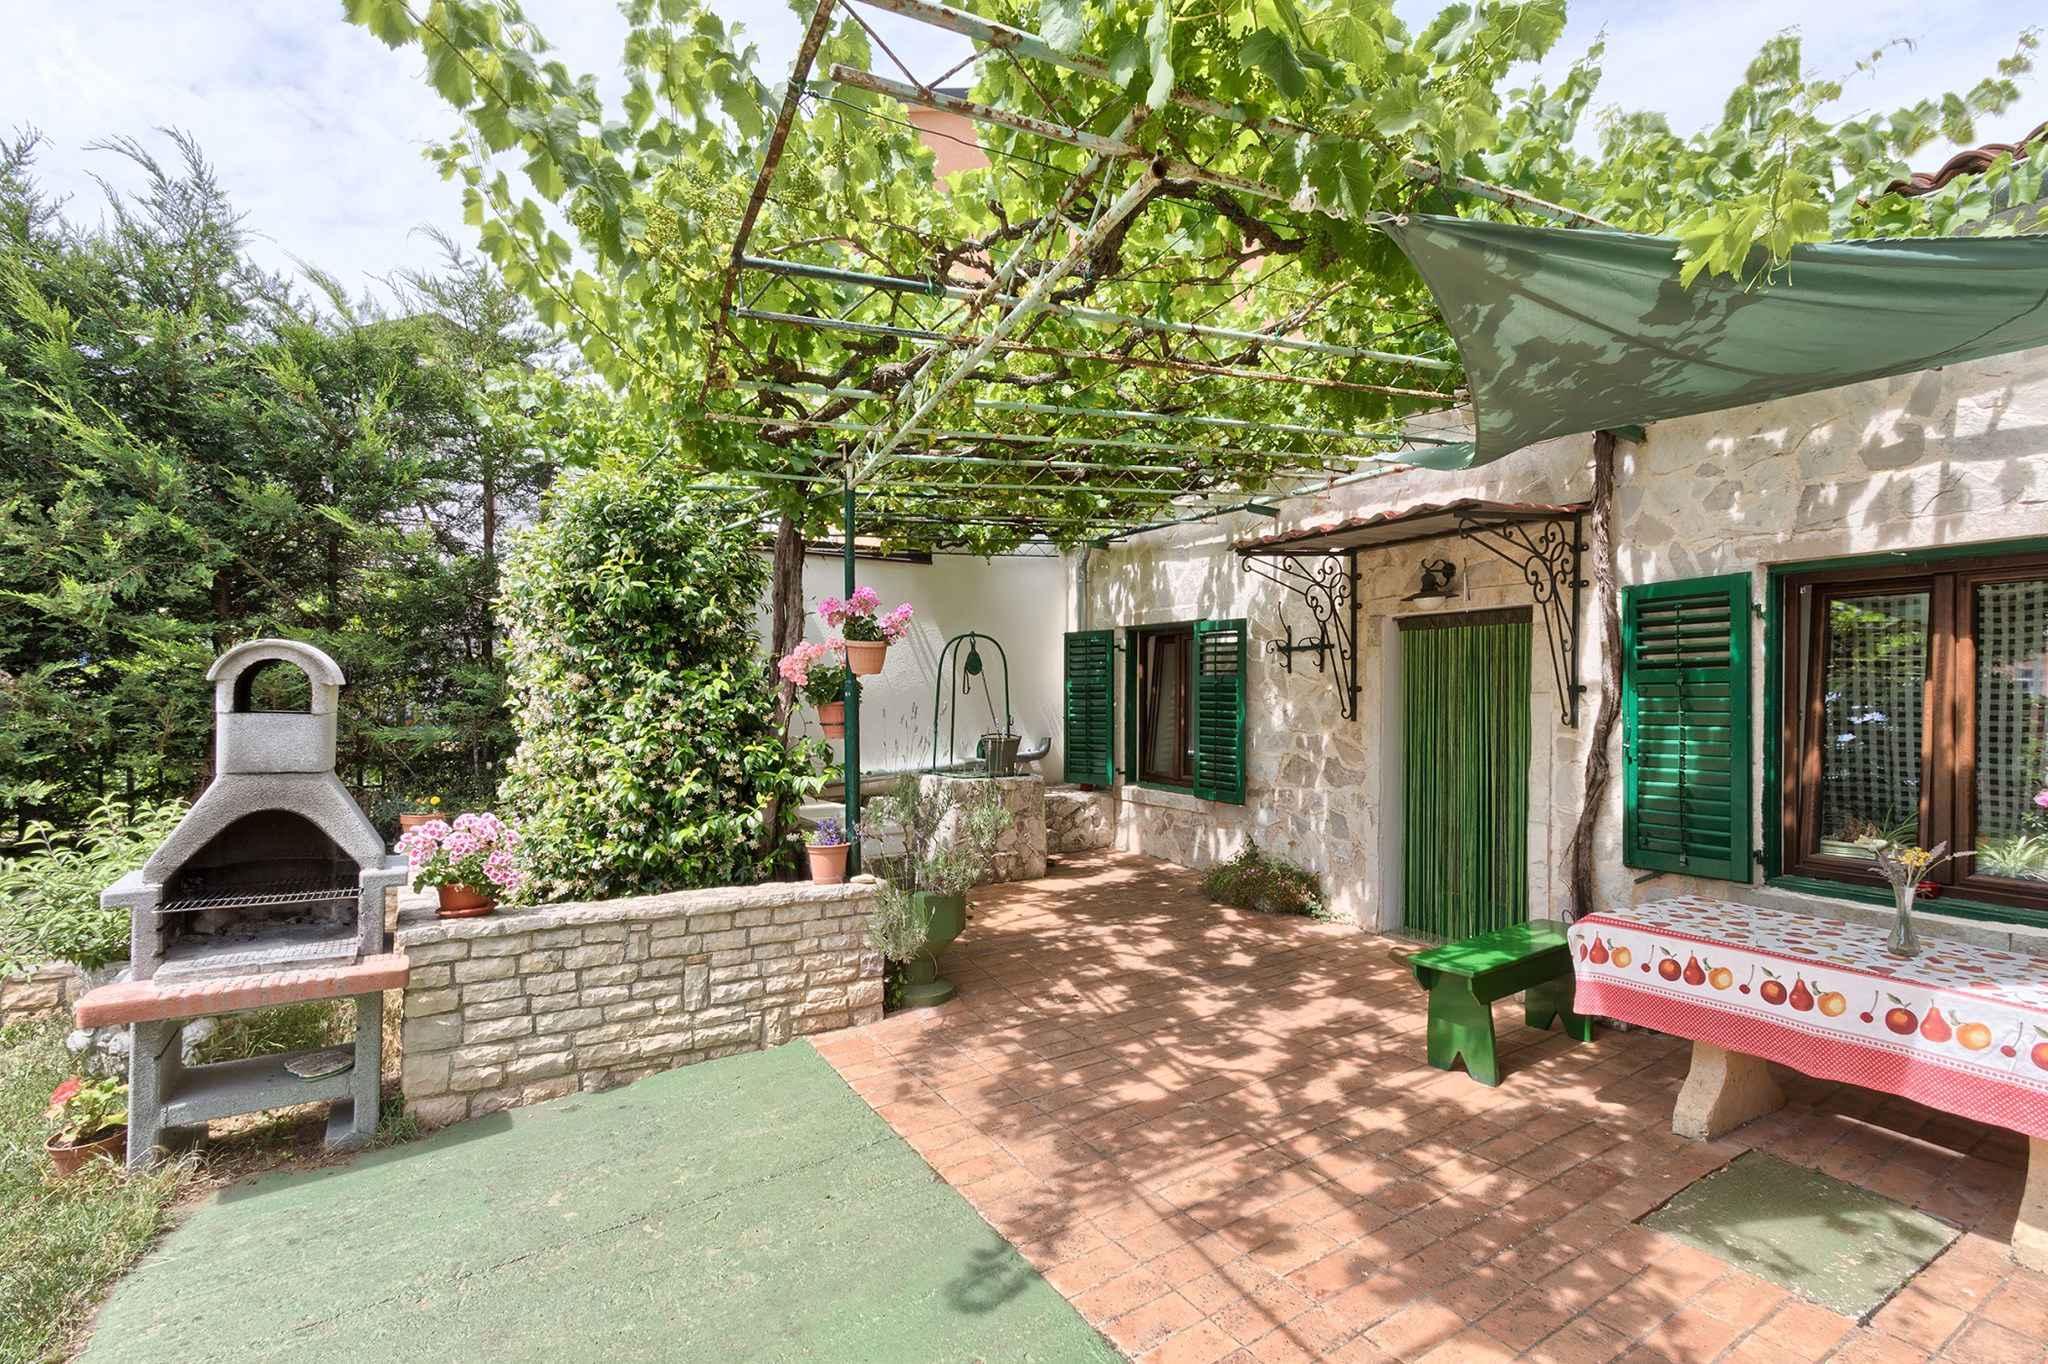 Ferienhaus mit Garten (470324), Marcana, , Istrien, Kroatien, Bild 4